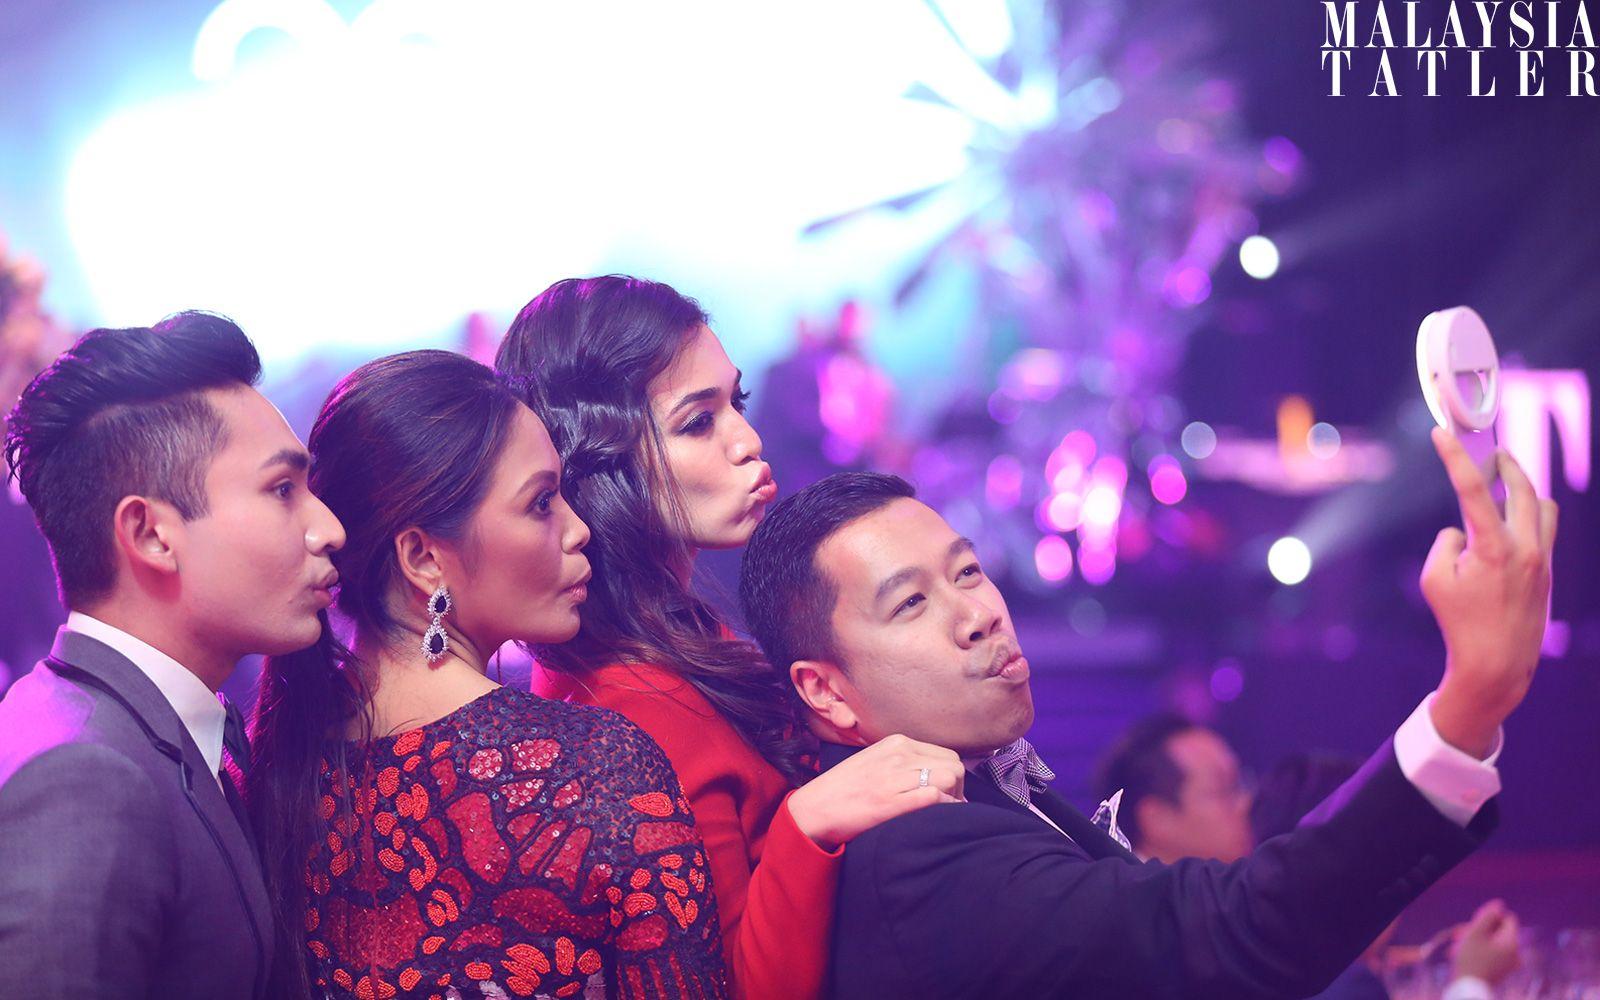 Aliff Hazwan, Zaireen Ibrahim, Izanna Salleh and Ferhat Nazri Aziz